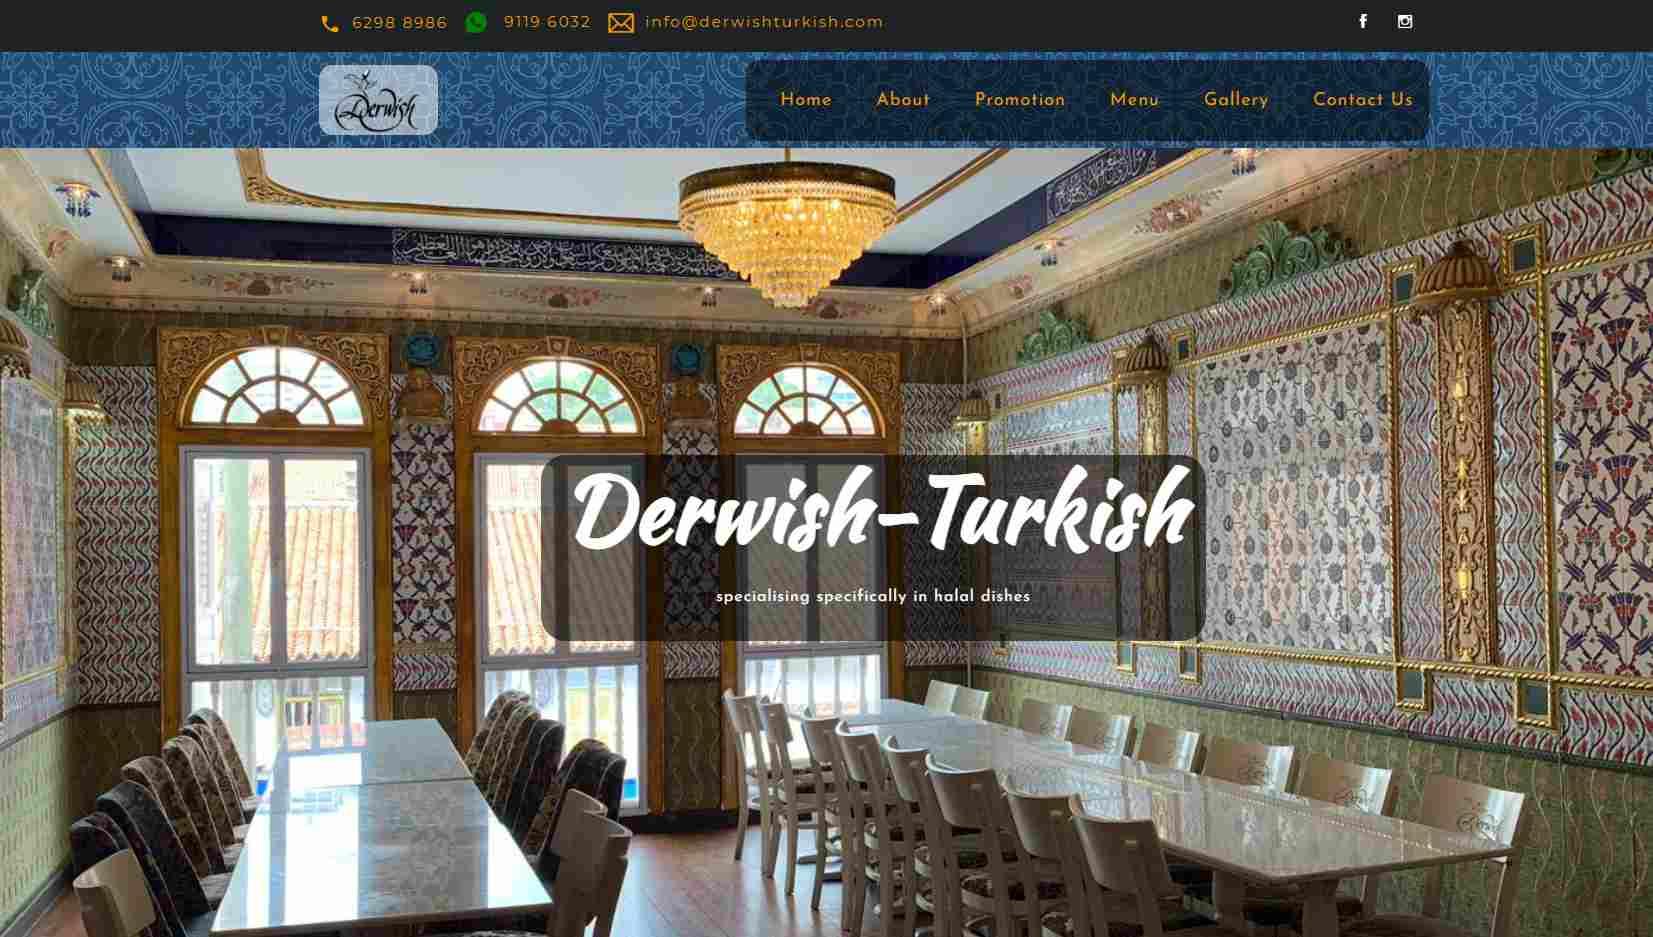 Derwish Turkish Top Turkish Restaurants in Singapore